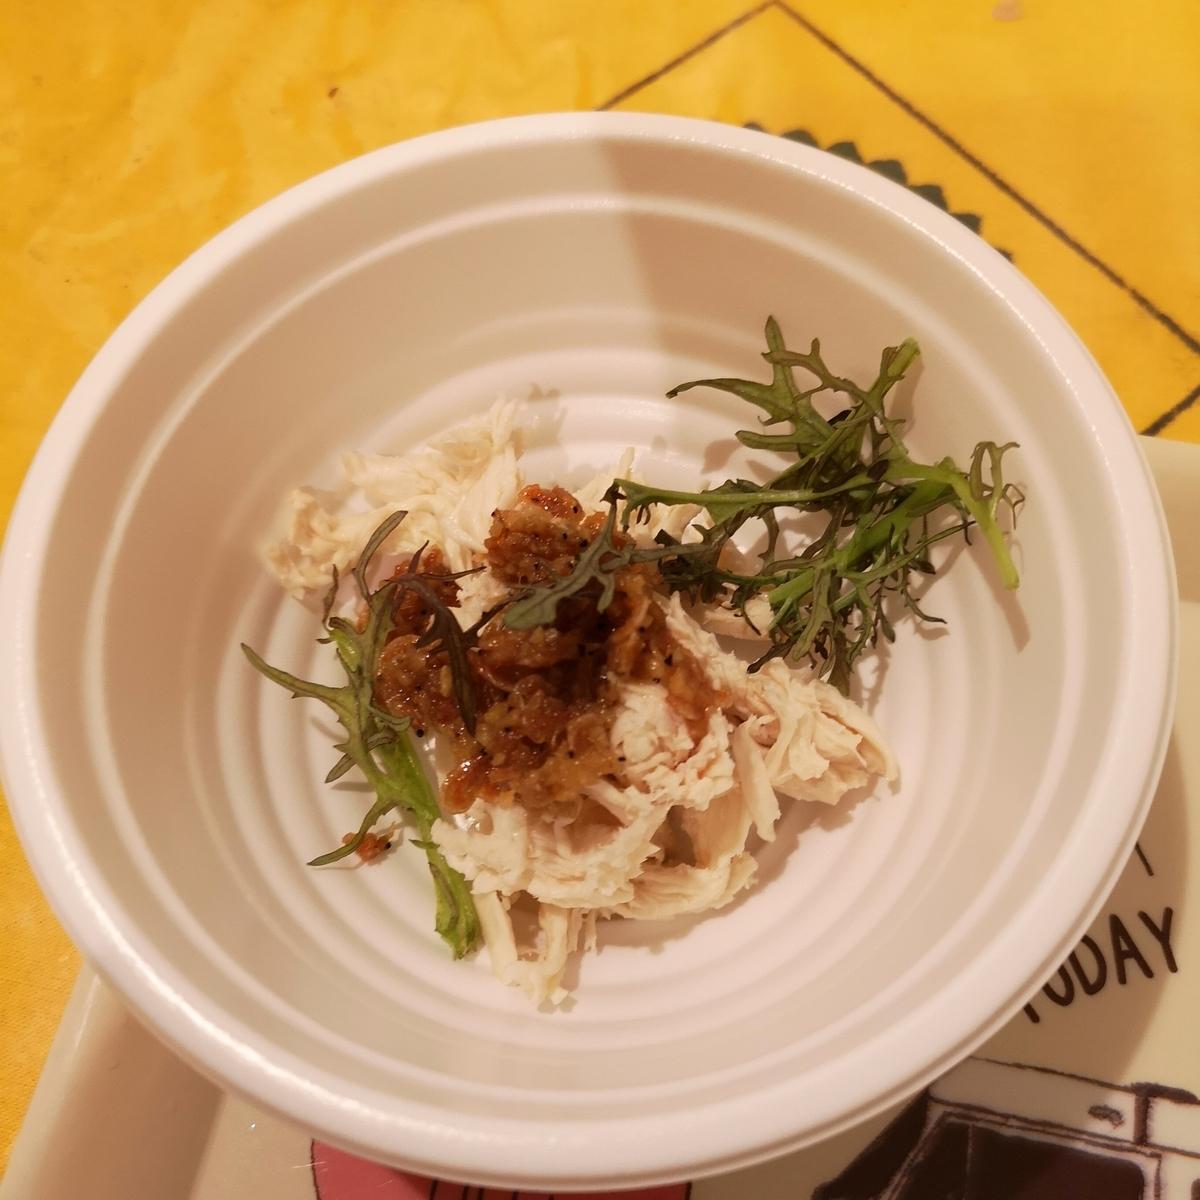 カレー事情聴取スパイス定食&バルVol.7 2019年10月18日 utatane 蒸し鶏